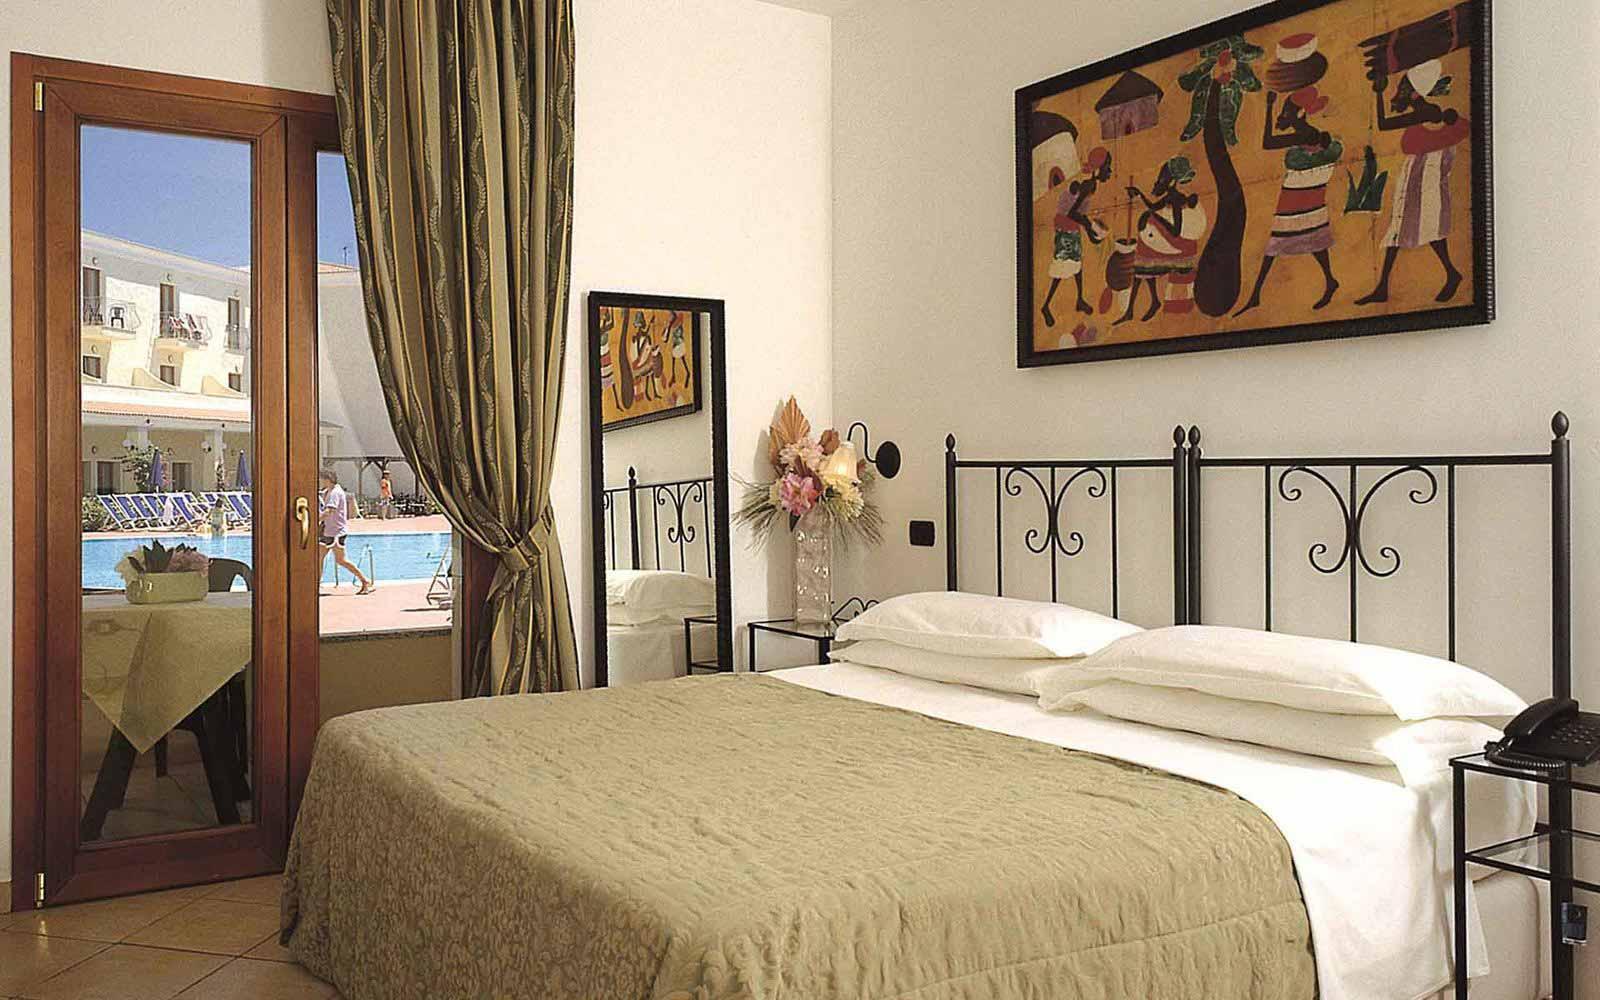 Standard room at Blu Hotel Morisco